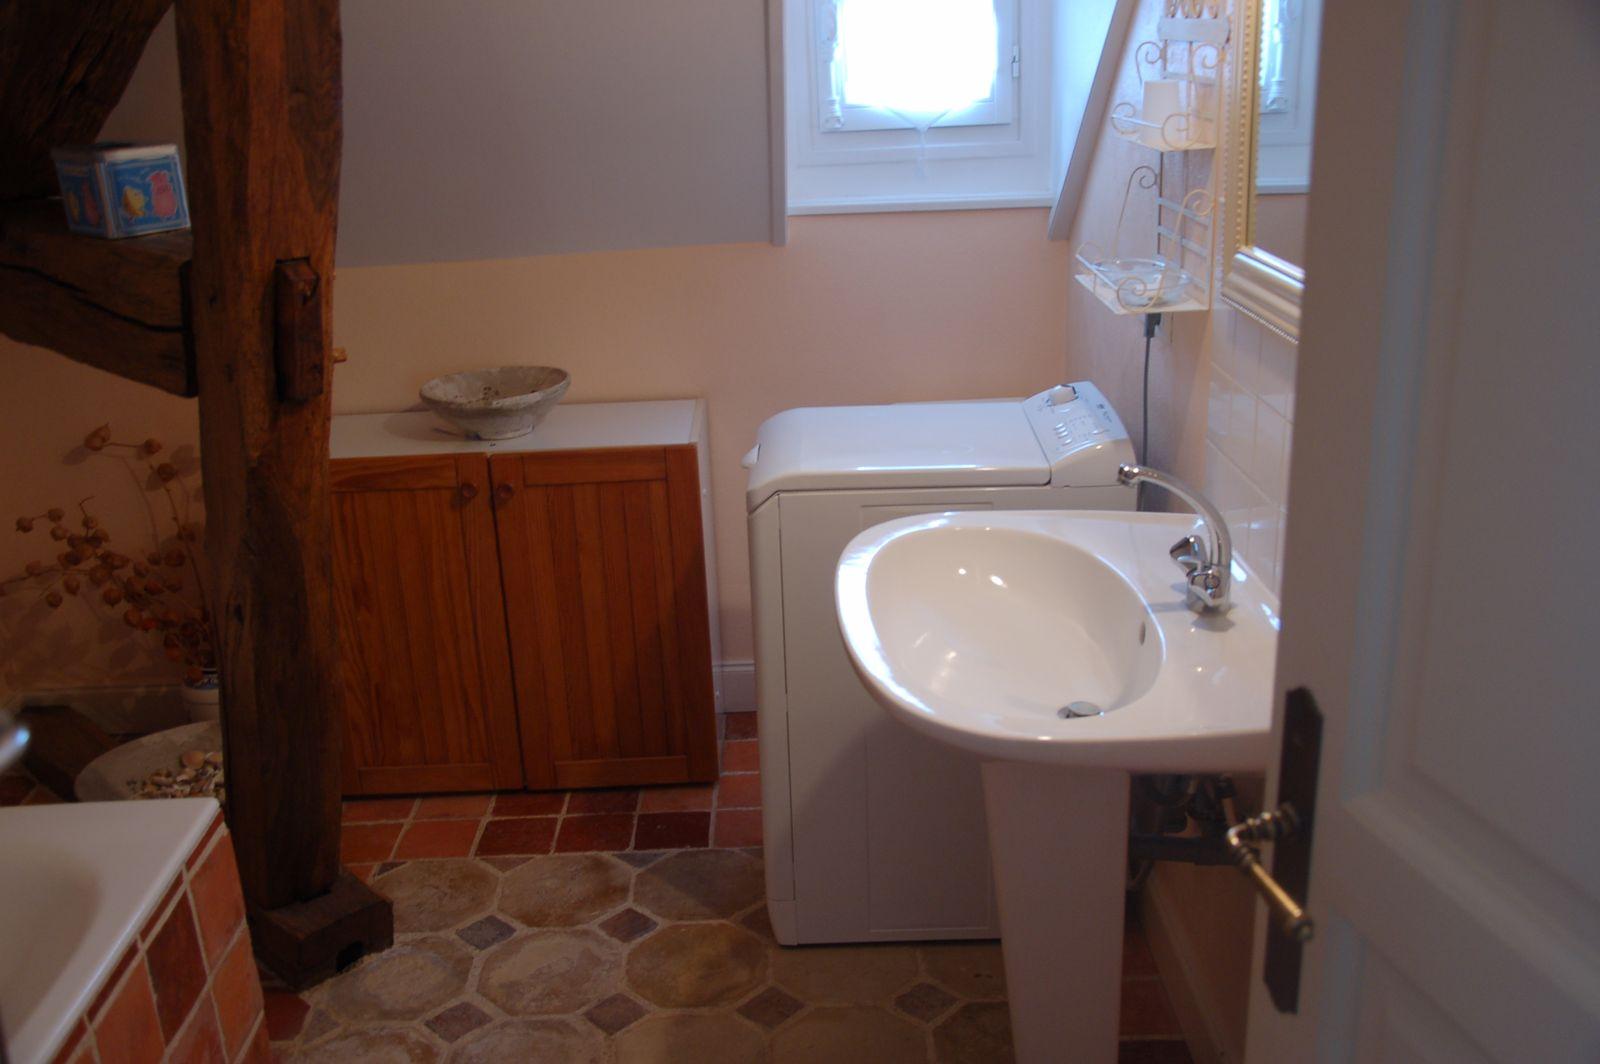 Salle de bain à l'étage avec baignoire, lavabo et machine à laver. Toilettes séparées à l'étage. Vue sur le vignoble. 51G465 - Le Cabanon Champenois - Ambonnay - Gîtes de France Marne